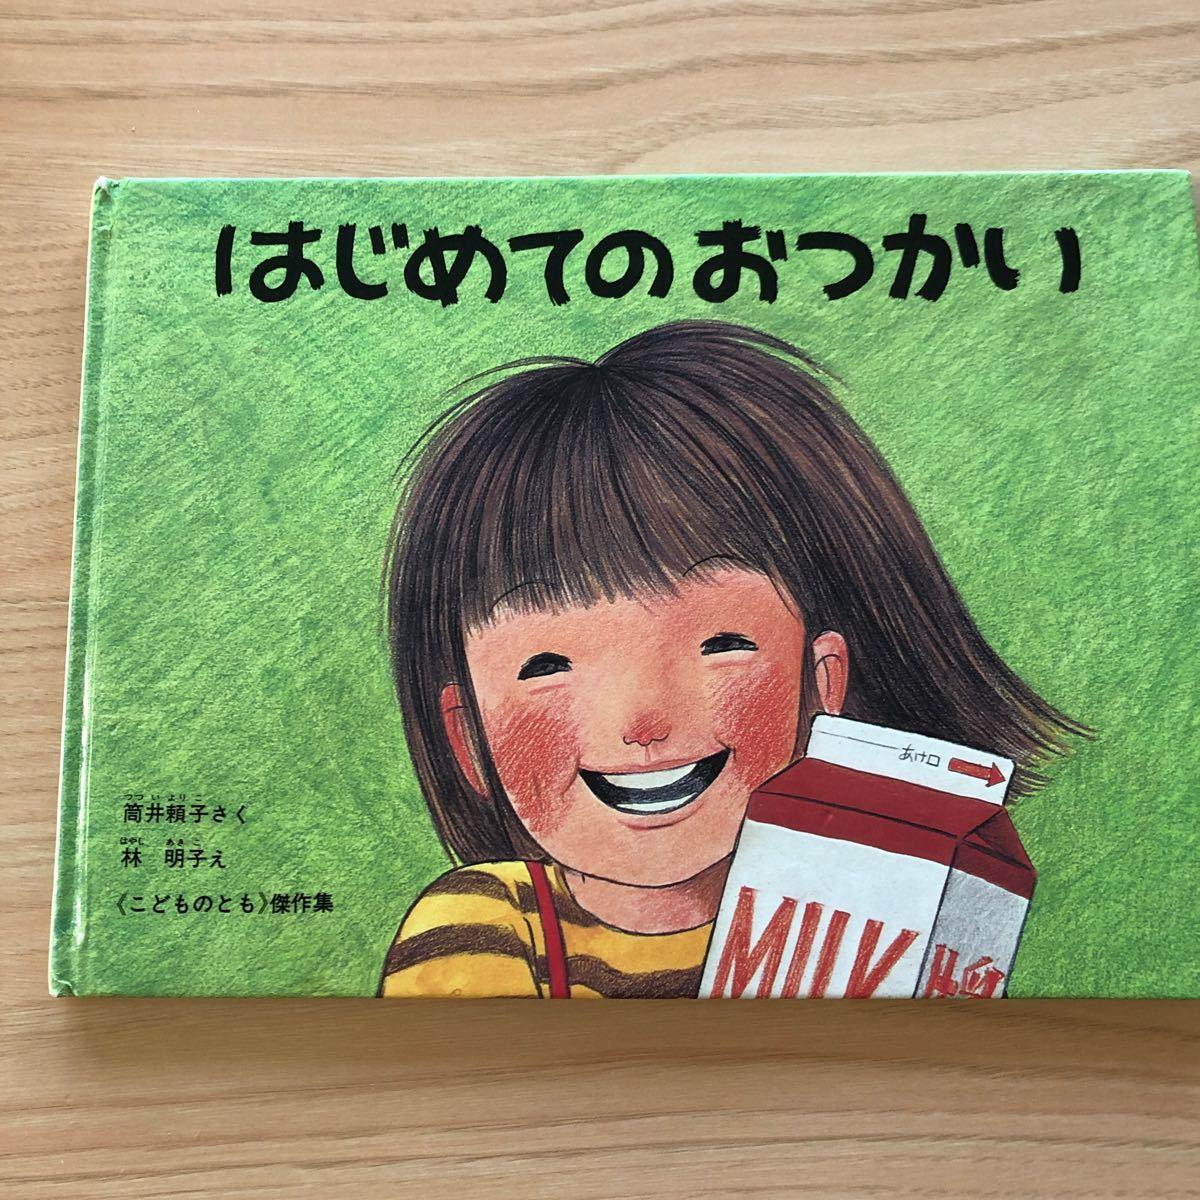 はじめてのおつかい 林明子 筒井頼子 こどものとも 福音館書店